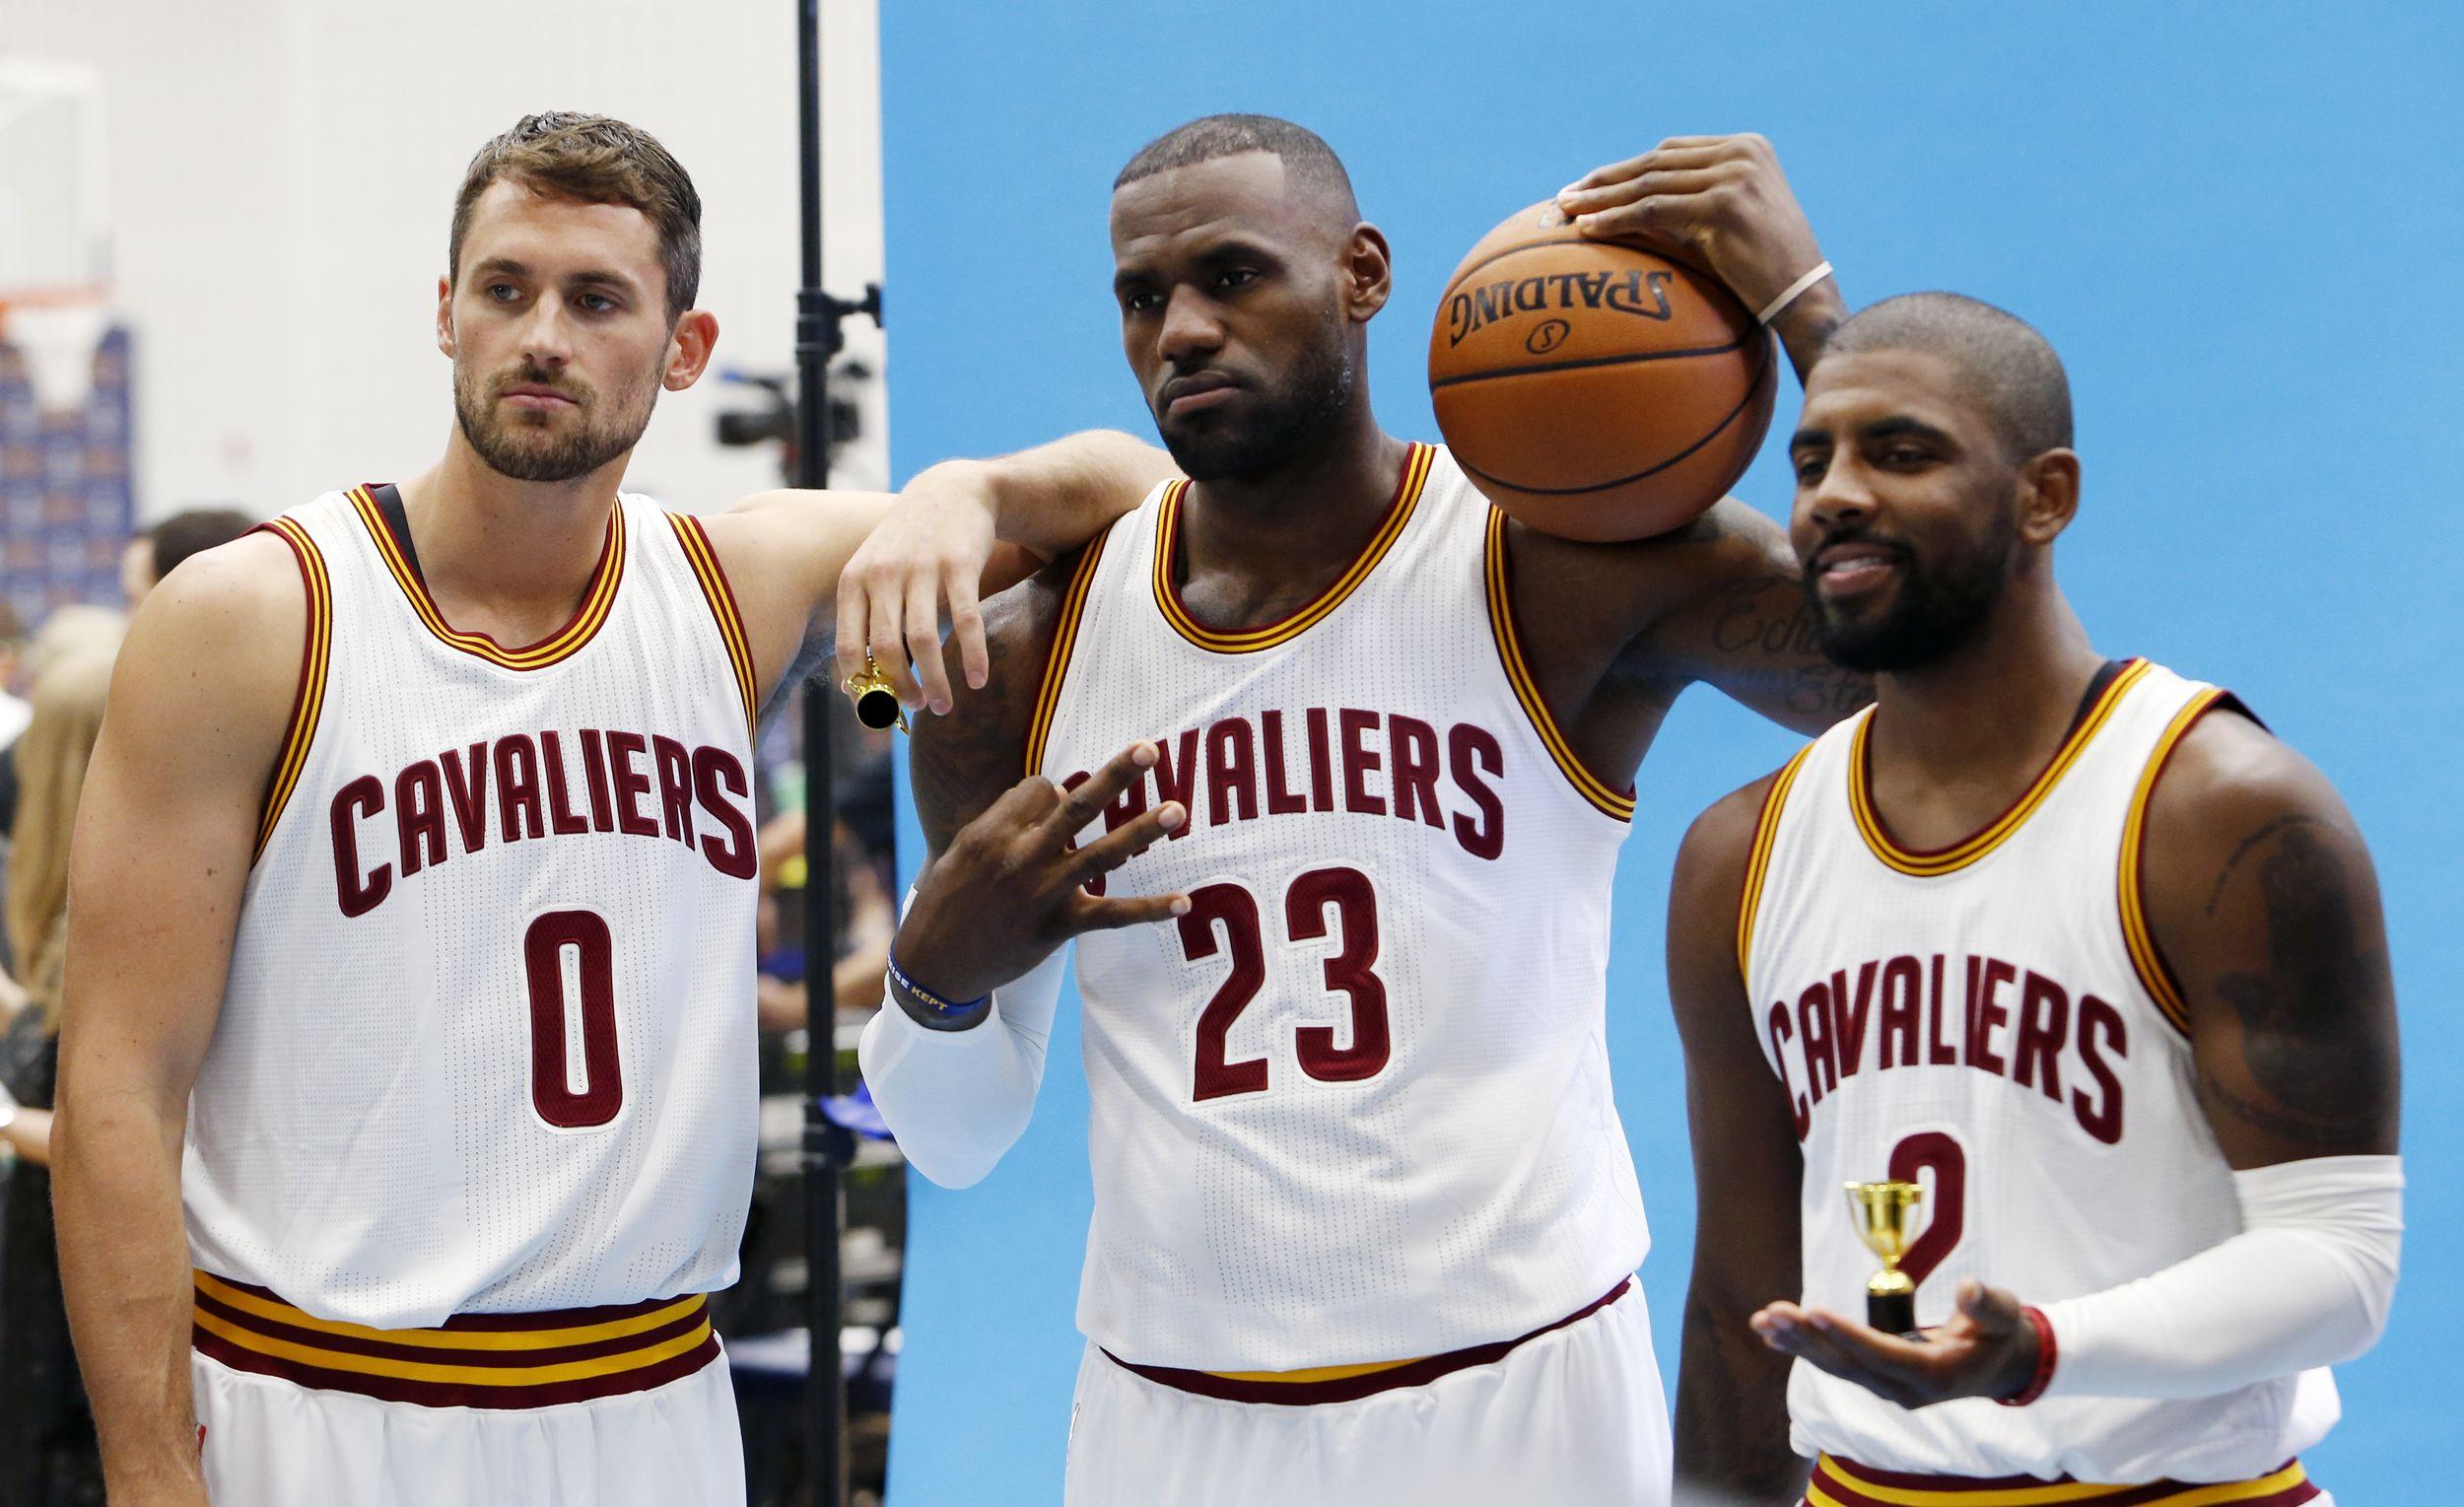 Basket - NBA - Reprise, All Star Game, Finales: les dates clés de la saison NBA 2016-17